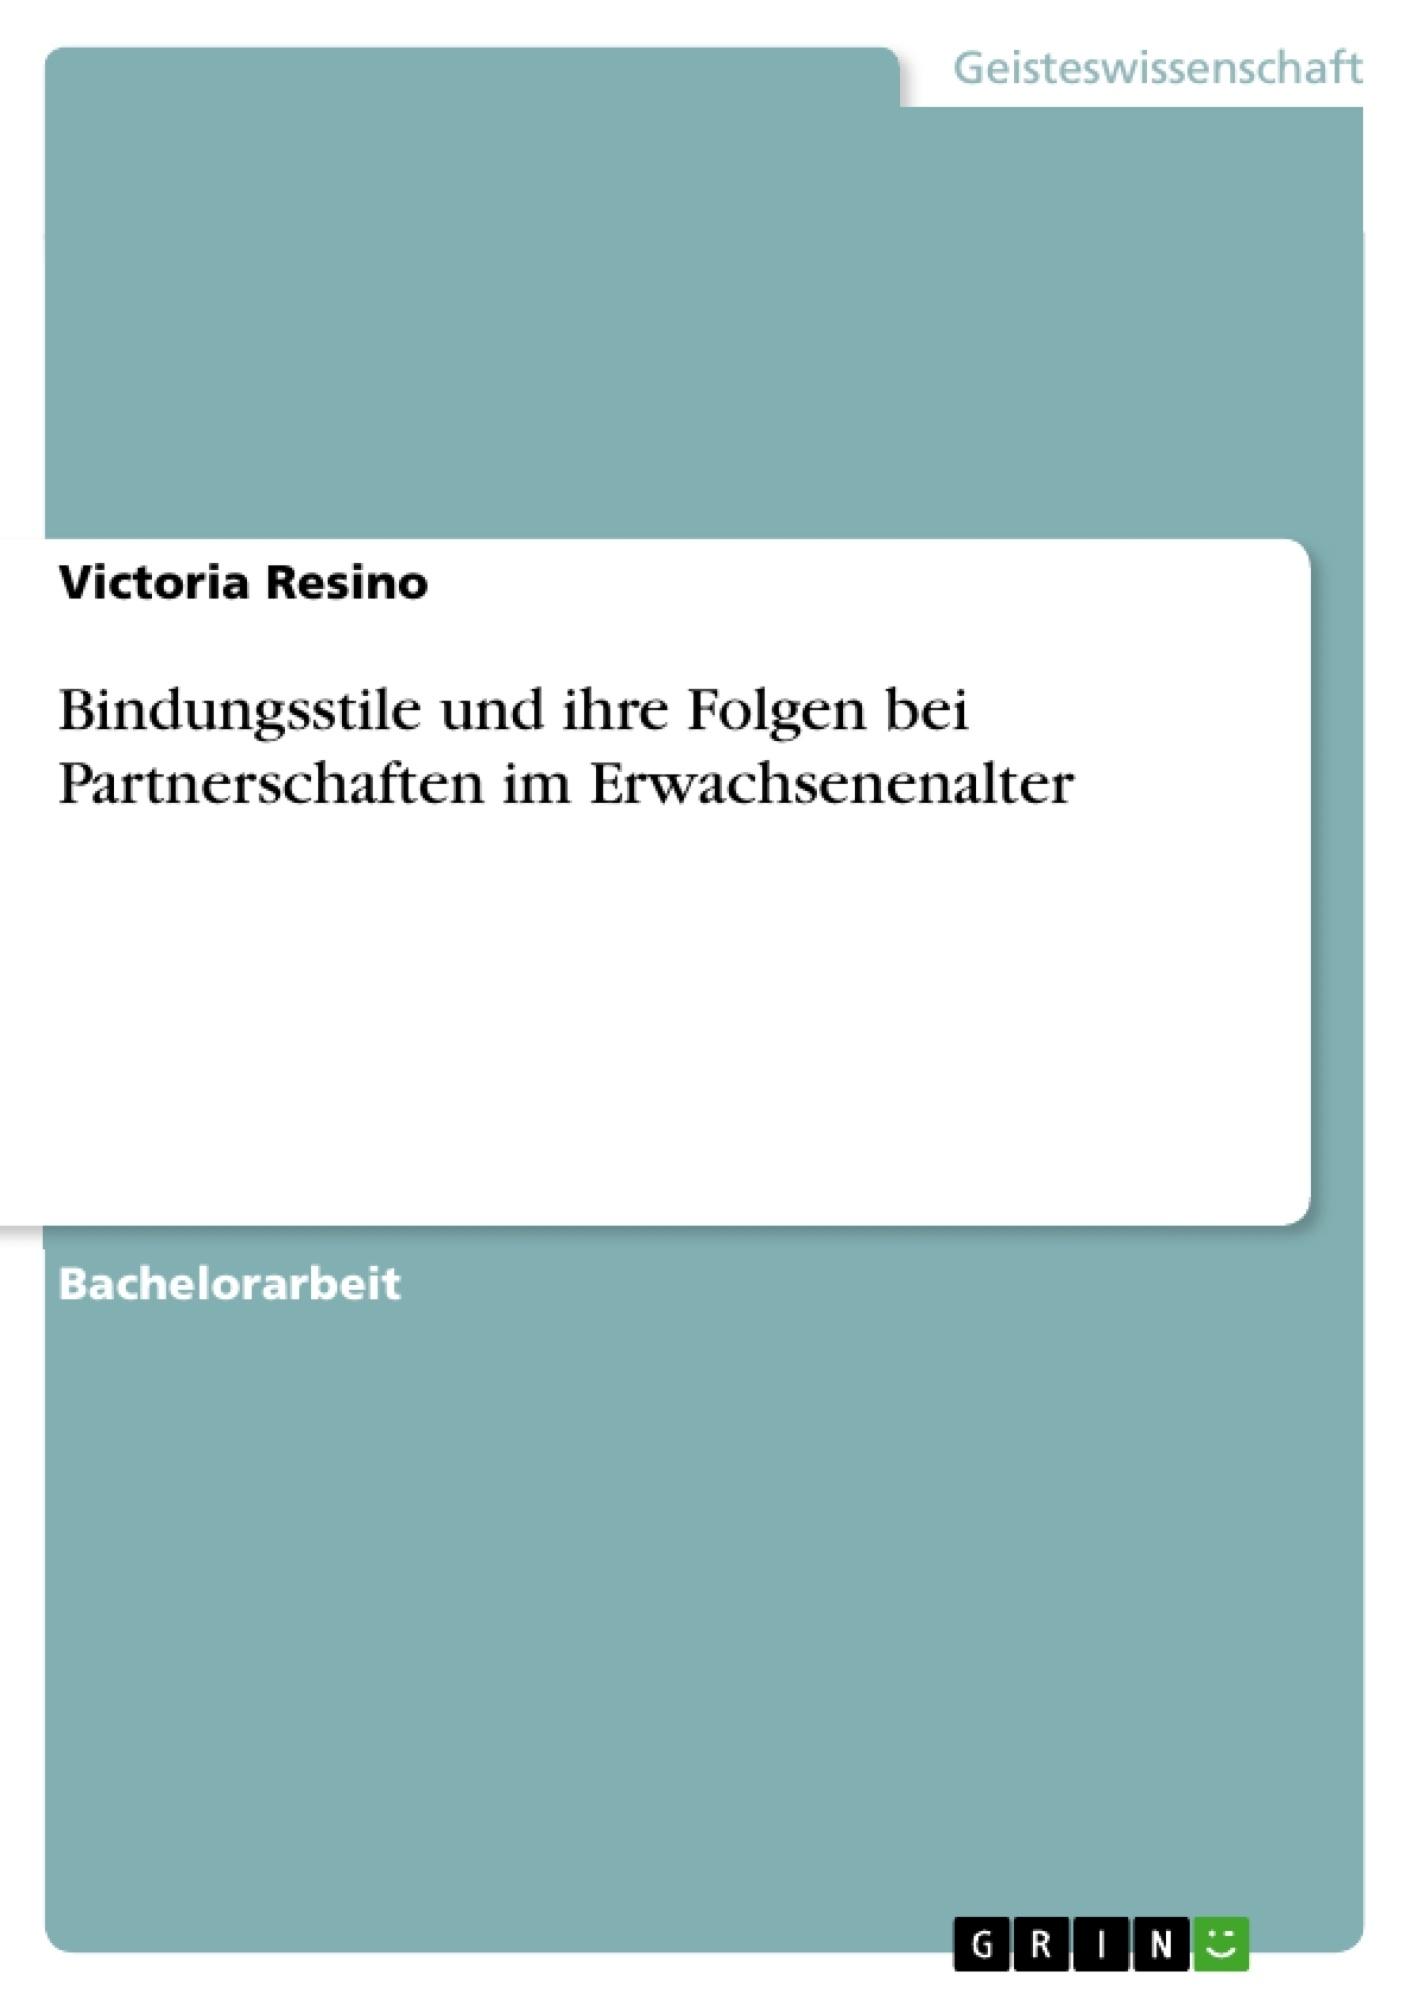 Titel: Bindungsstile und ihre Folgen bei Partnerschaften im Erwachsenenalter